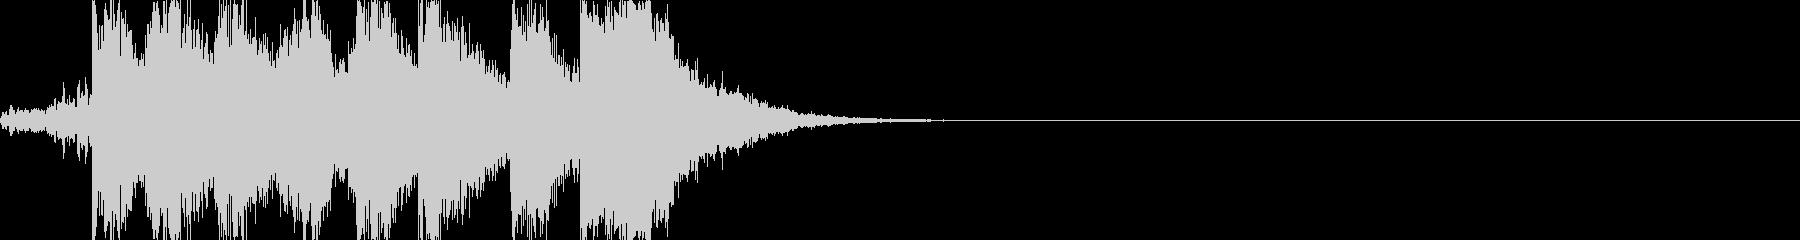 可愛らしくパワフルなオーケストラジングルの未再生の波形